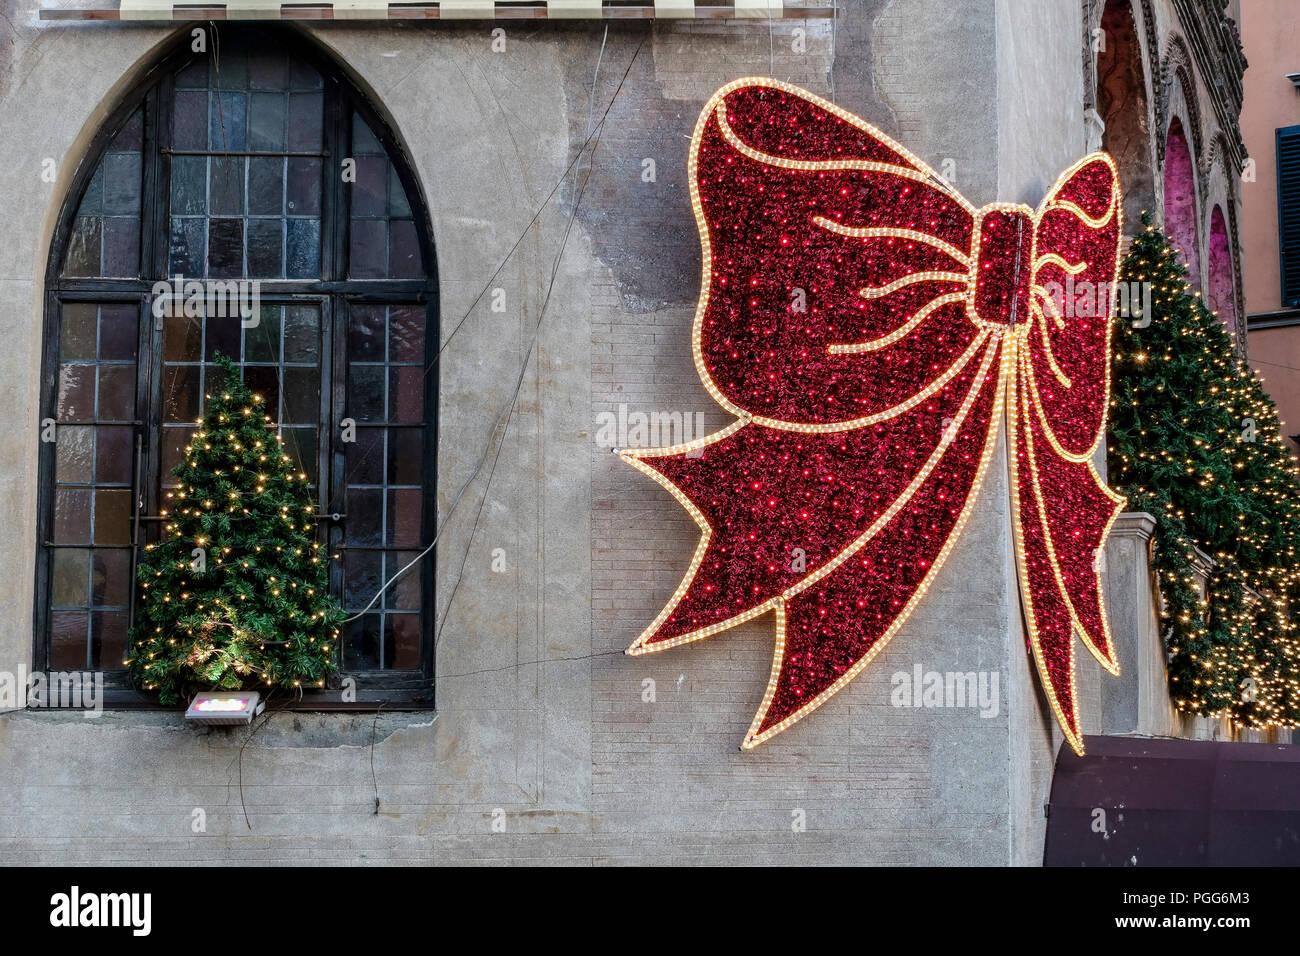 Hostaria dell'Orso en el tiempo de Navidad con decoraciones tradicionales y las luces. Gran lazo rojo. La antigua fachada del siglo 14. Roma, Italia, Europa. Imagen De Stock